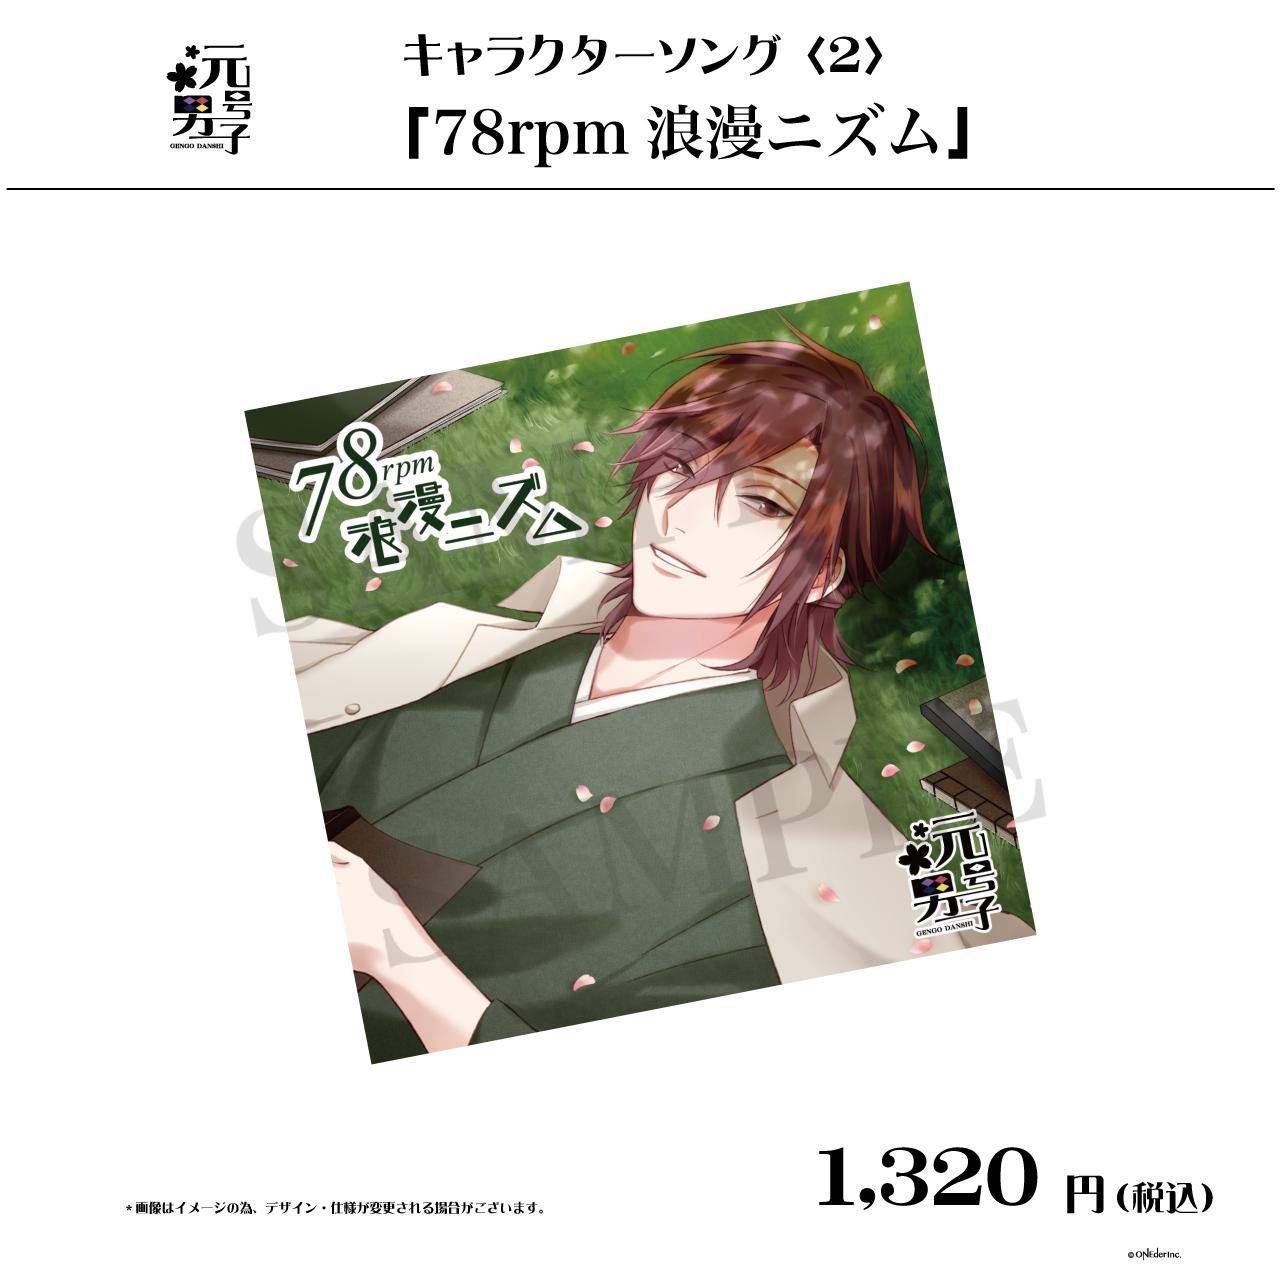 【購入特典付】元号男子キャラクターソング〈2〉 「78rpm 浪漫ニズム」